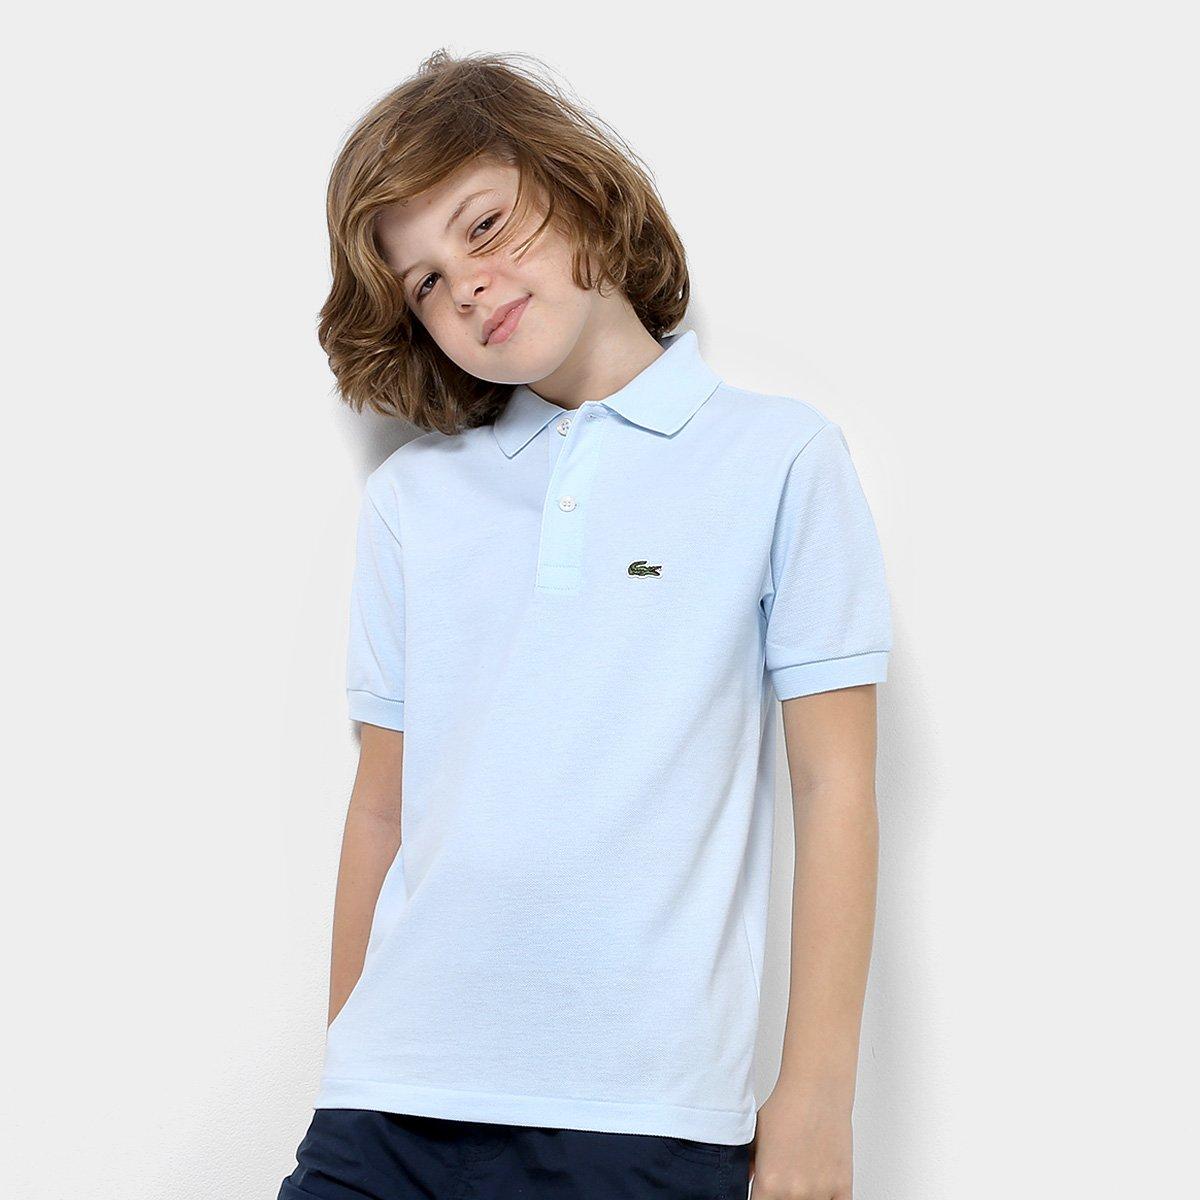 787a07af9f Camisa Polo Infantil Lacoste Masculina